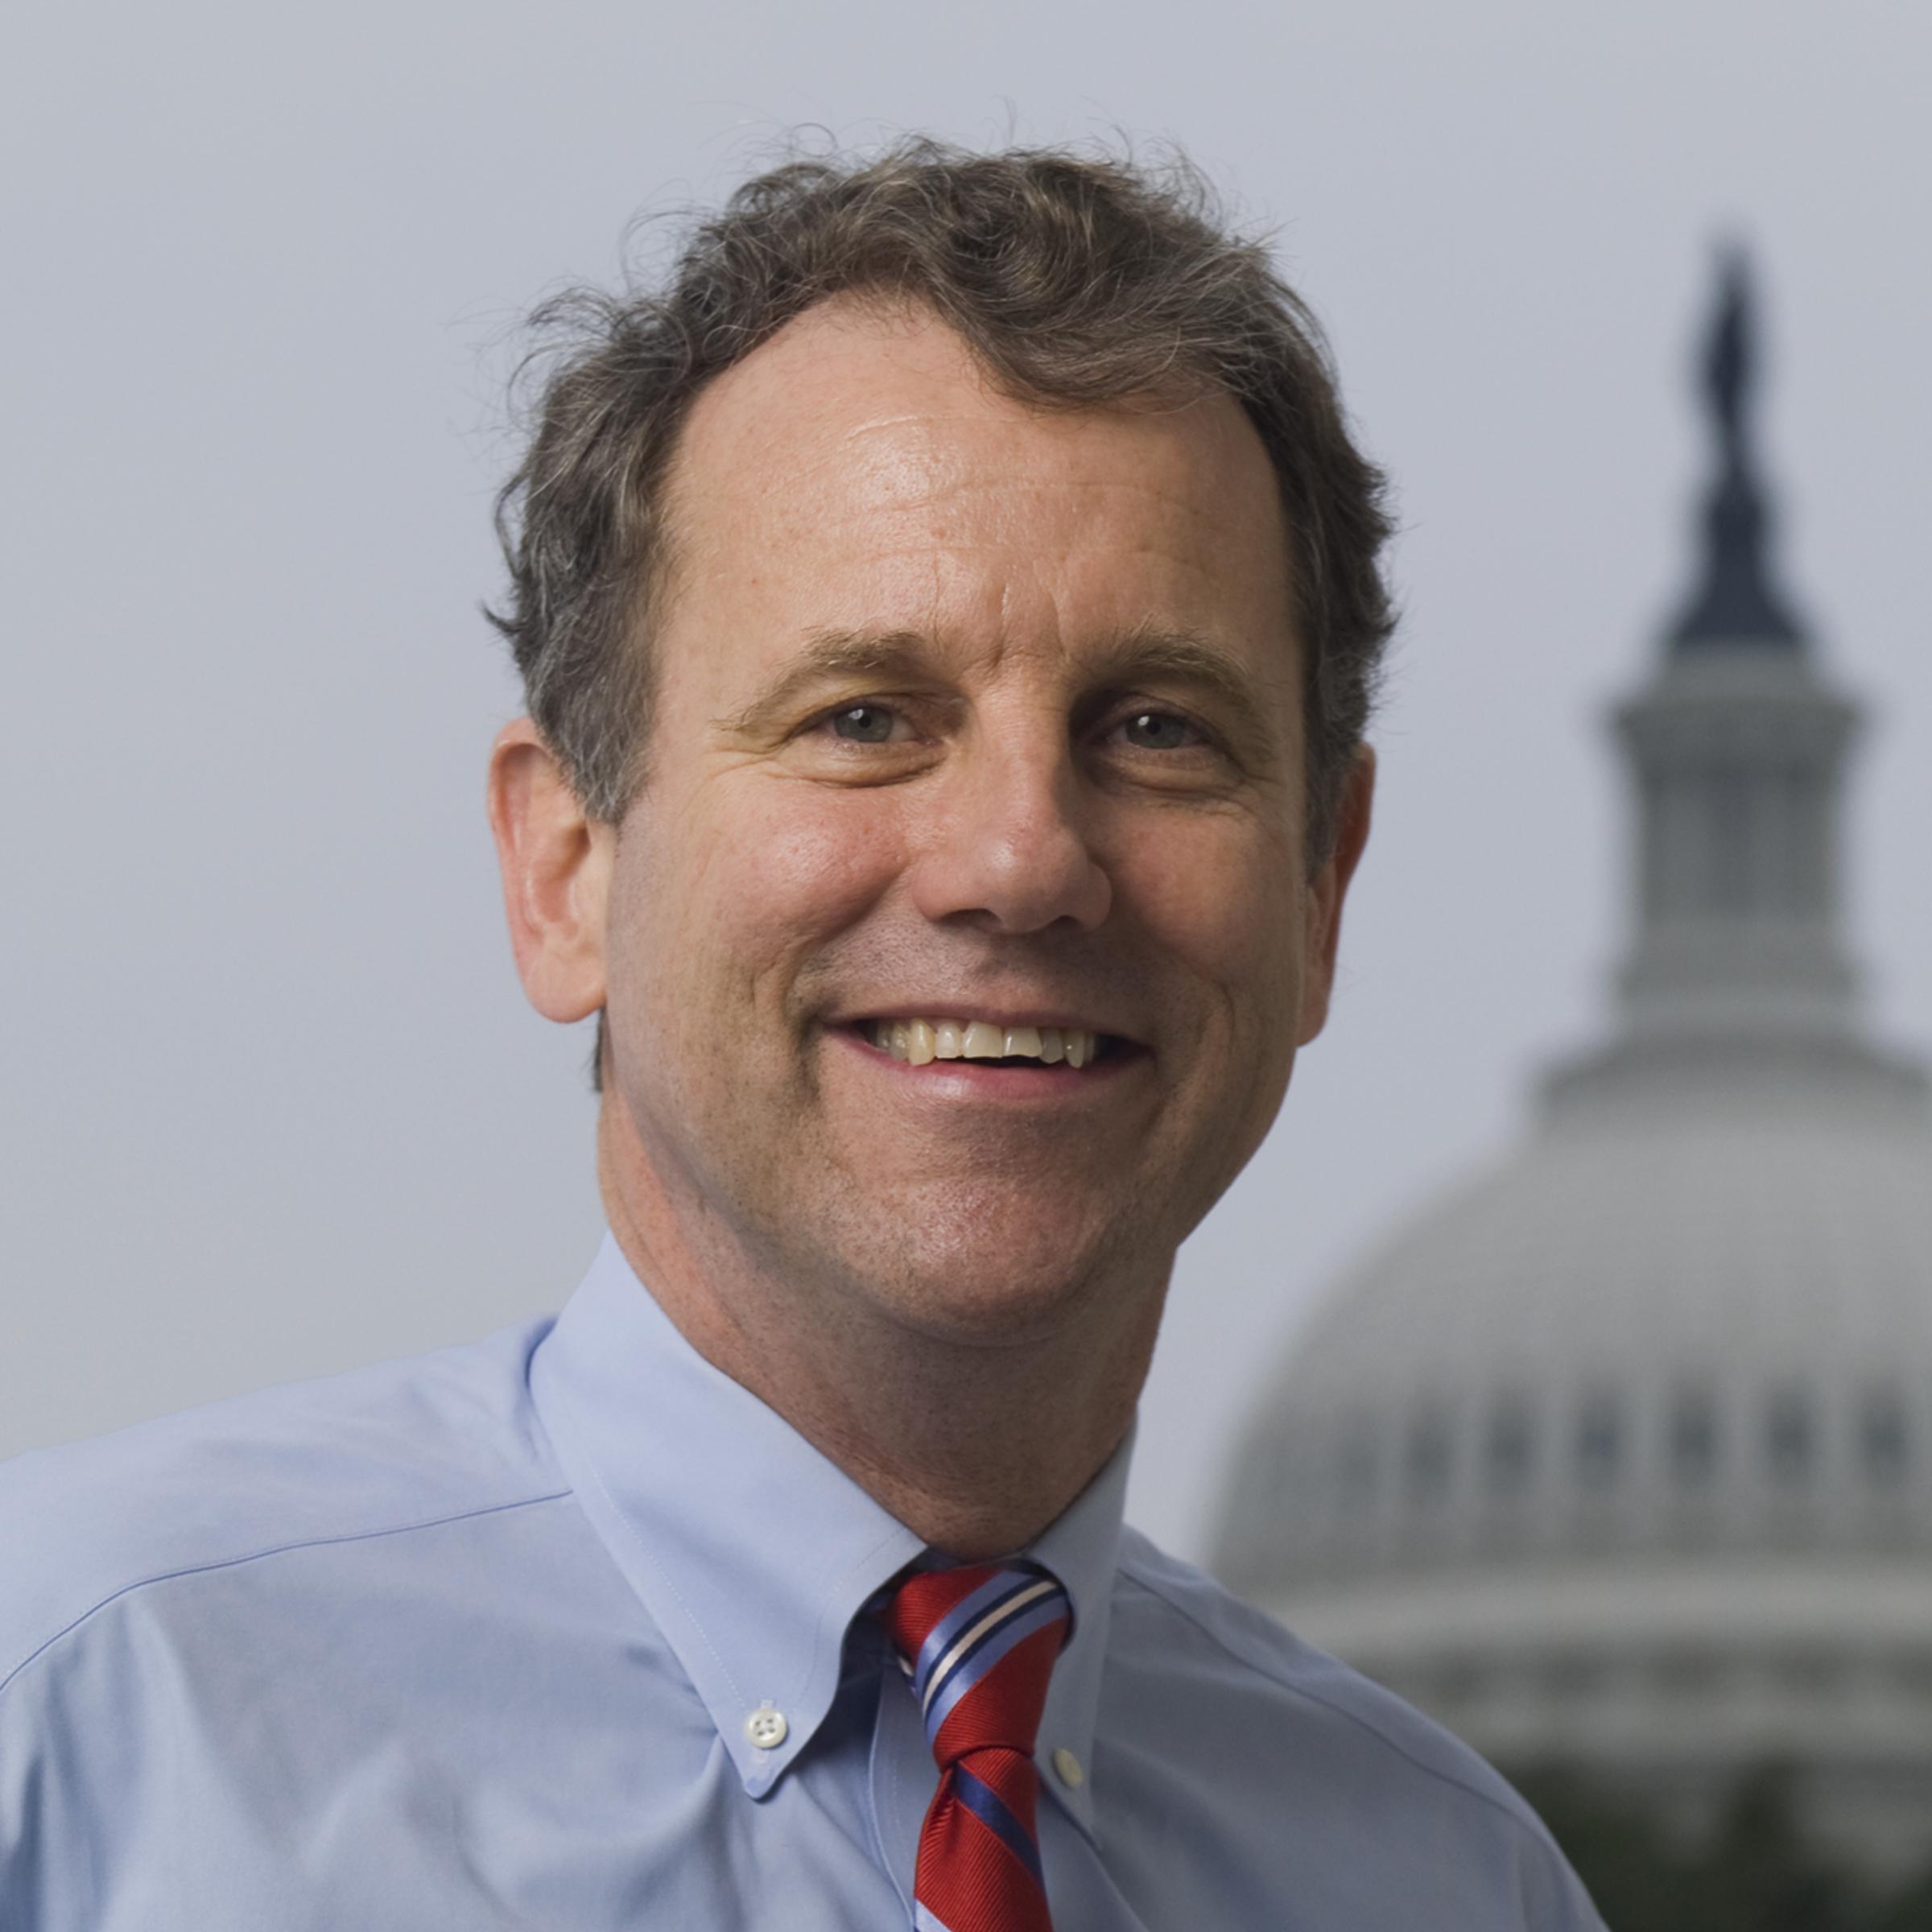 U.S. Senator Sherrod Brown of Ohio